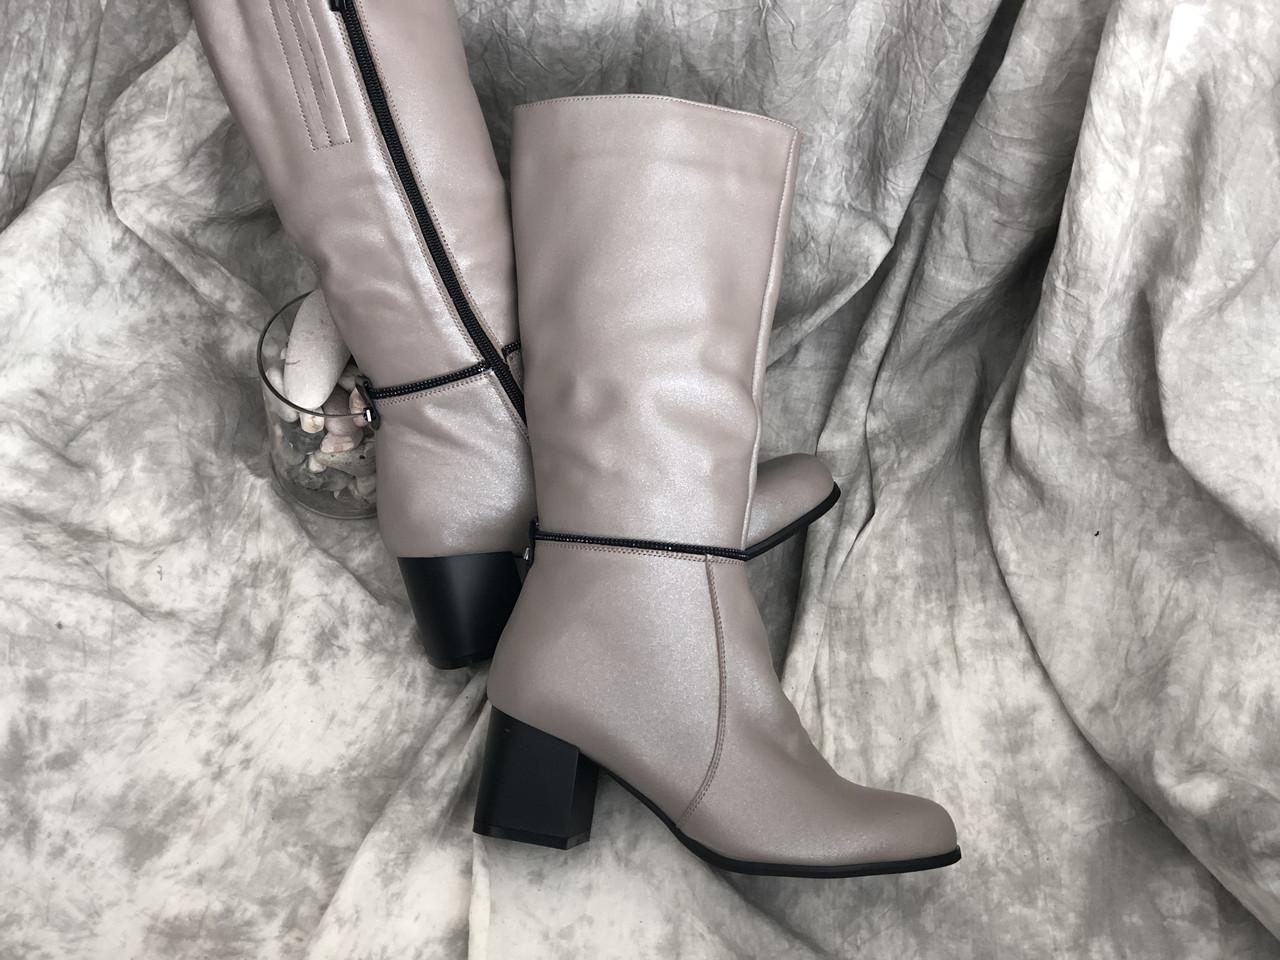 Кожаные женские сапоги очень стильная модель Salina 6565 беж размеры 37,38,40